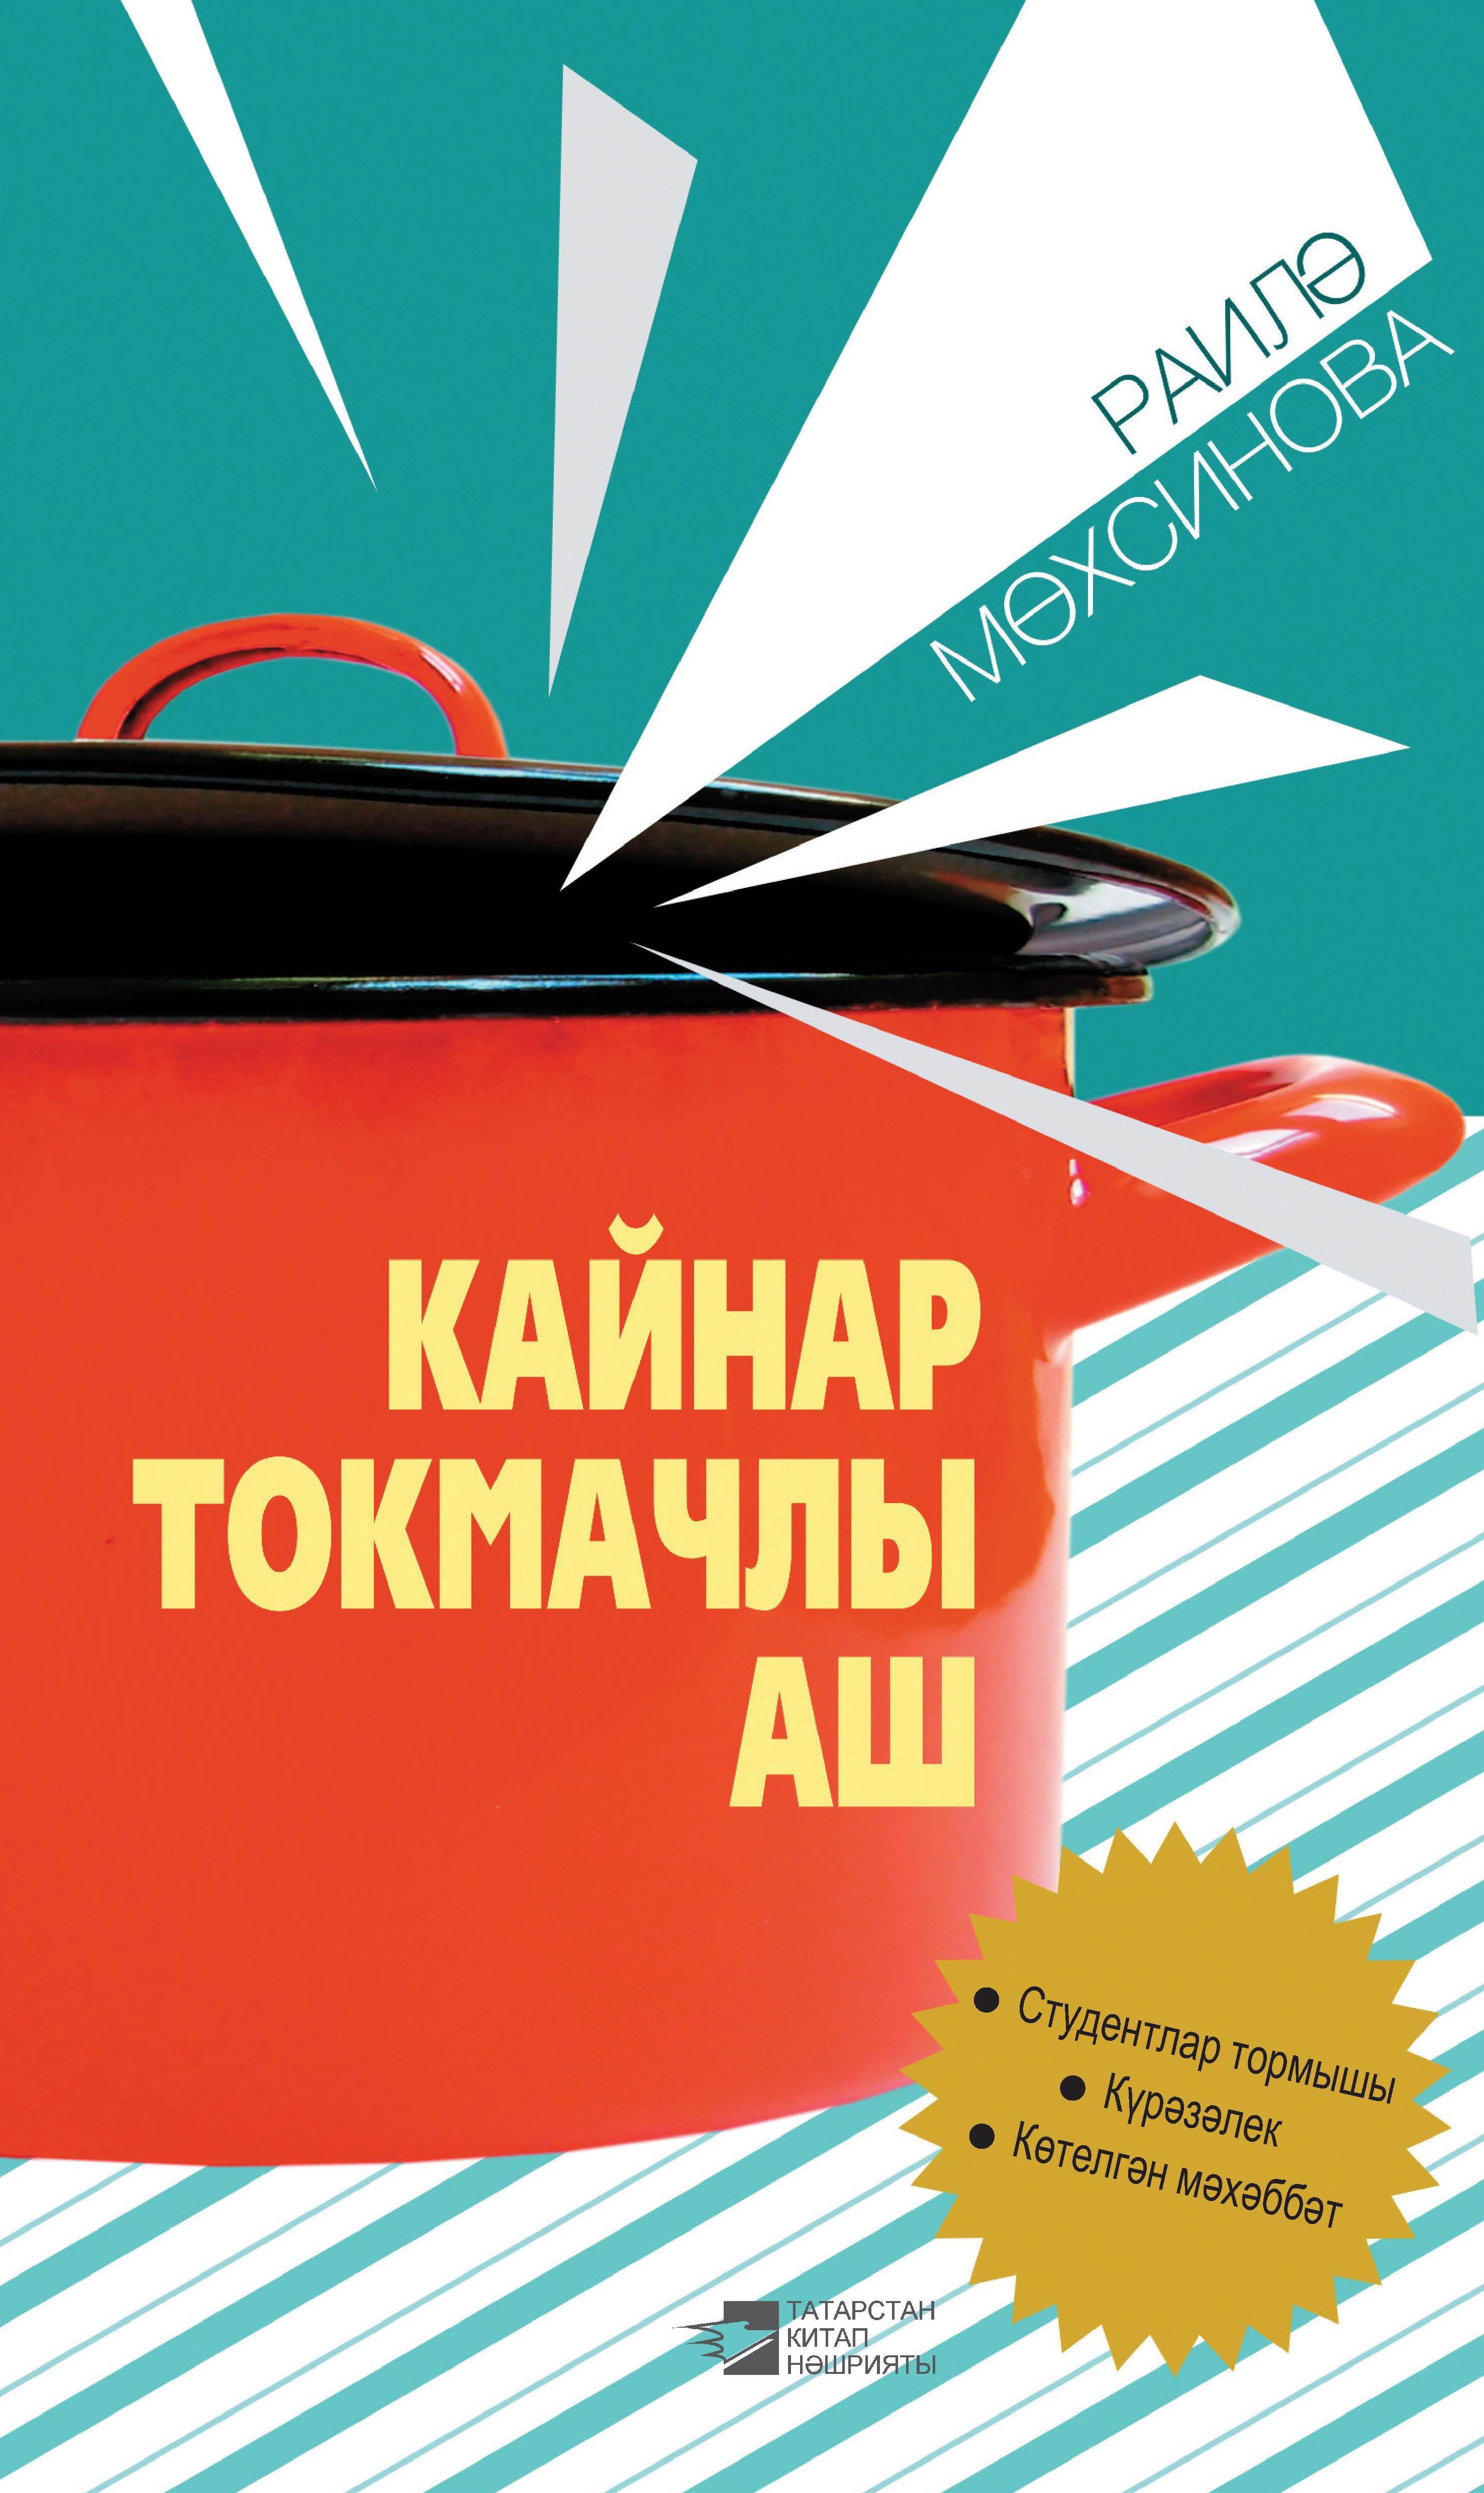 Раиля Мухсинова Кайнар токмачлы аш: пьесалар скачать книгу озёровой школа шитья